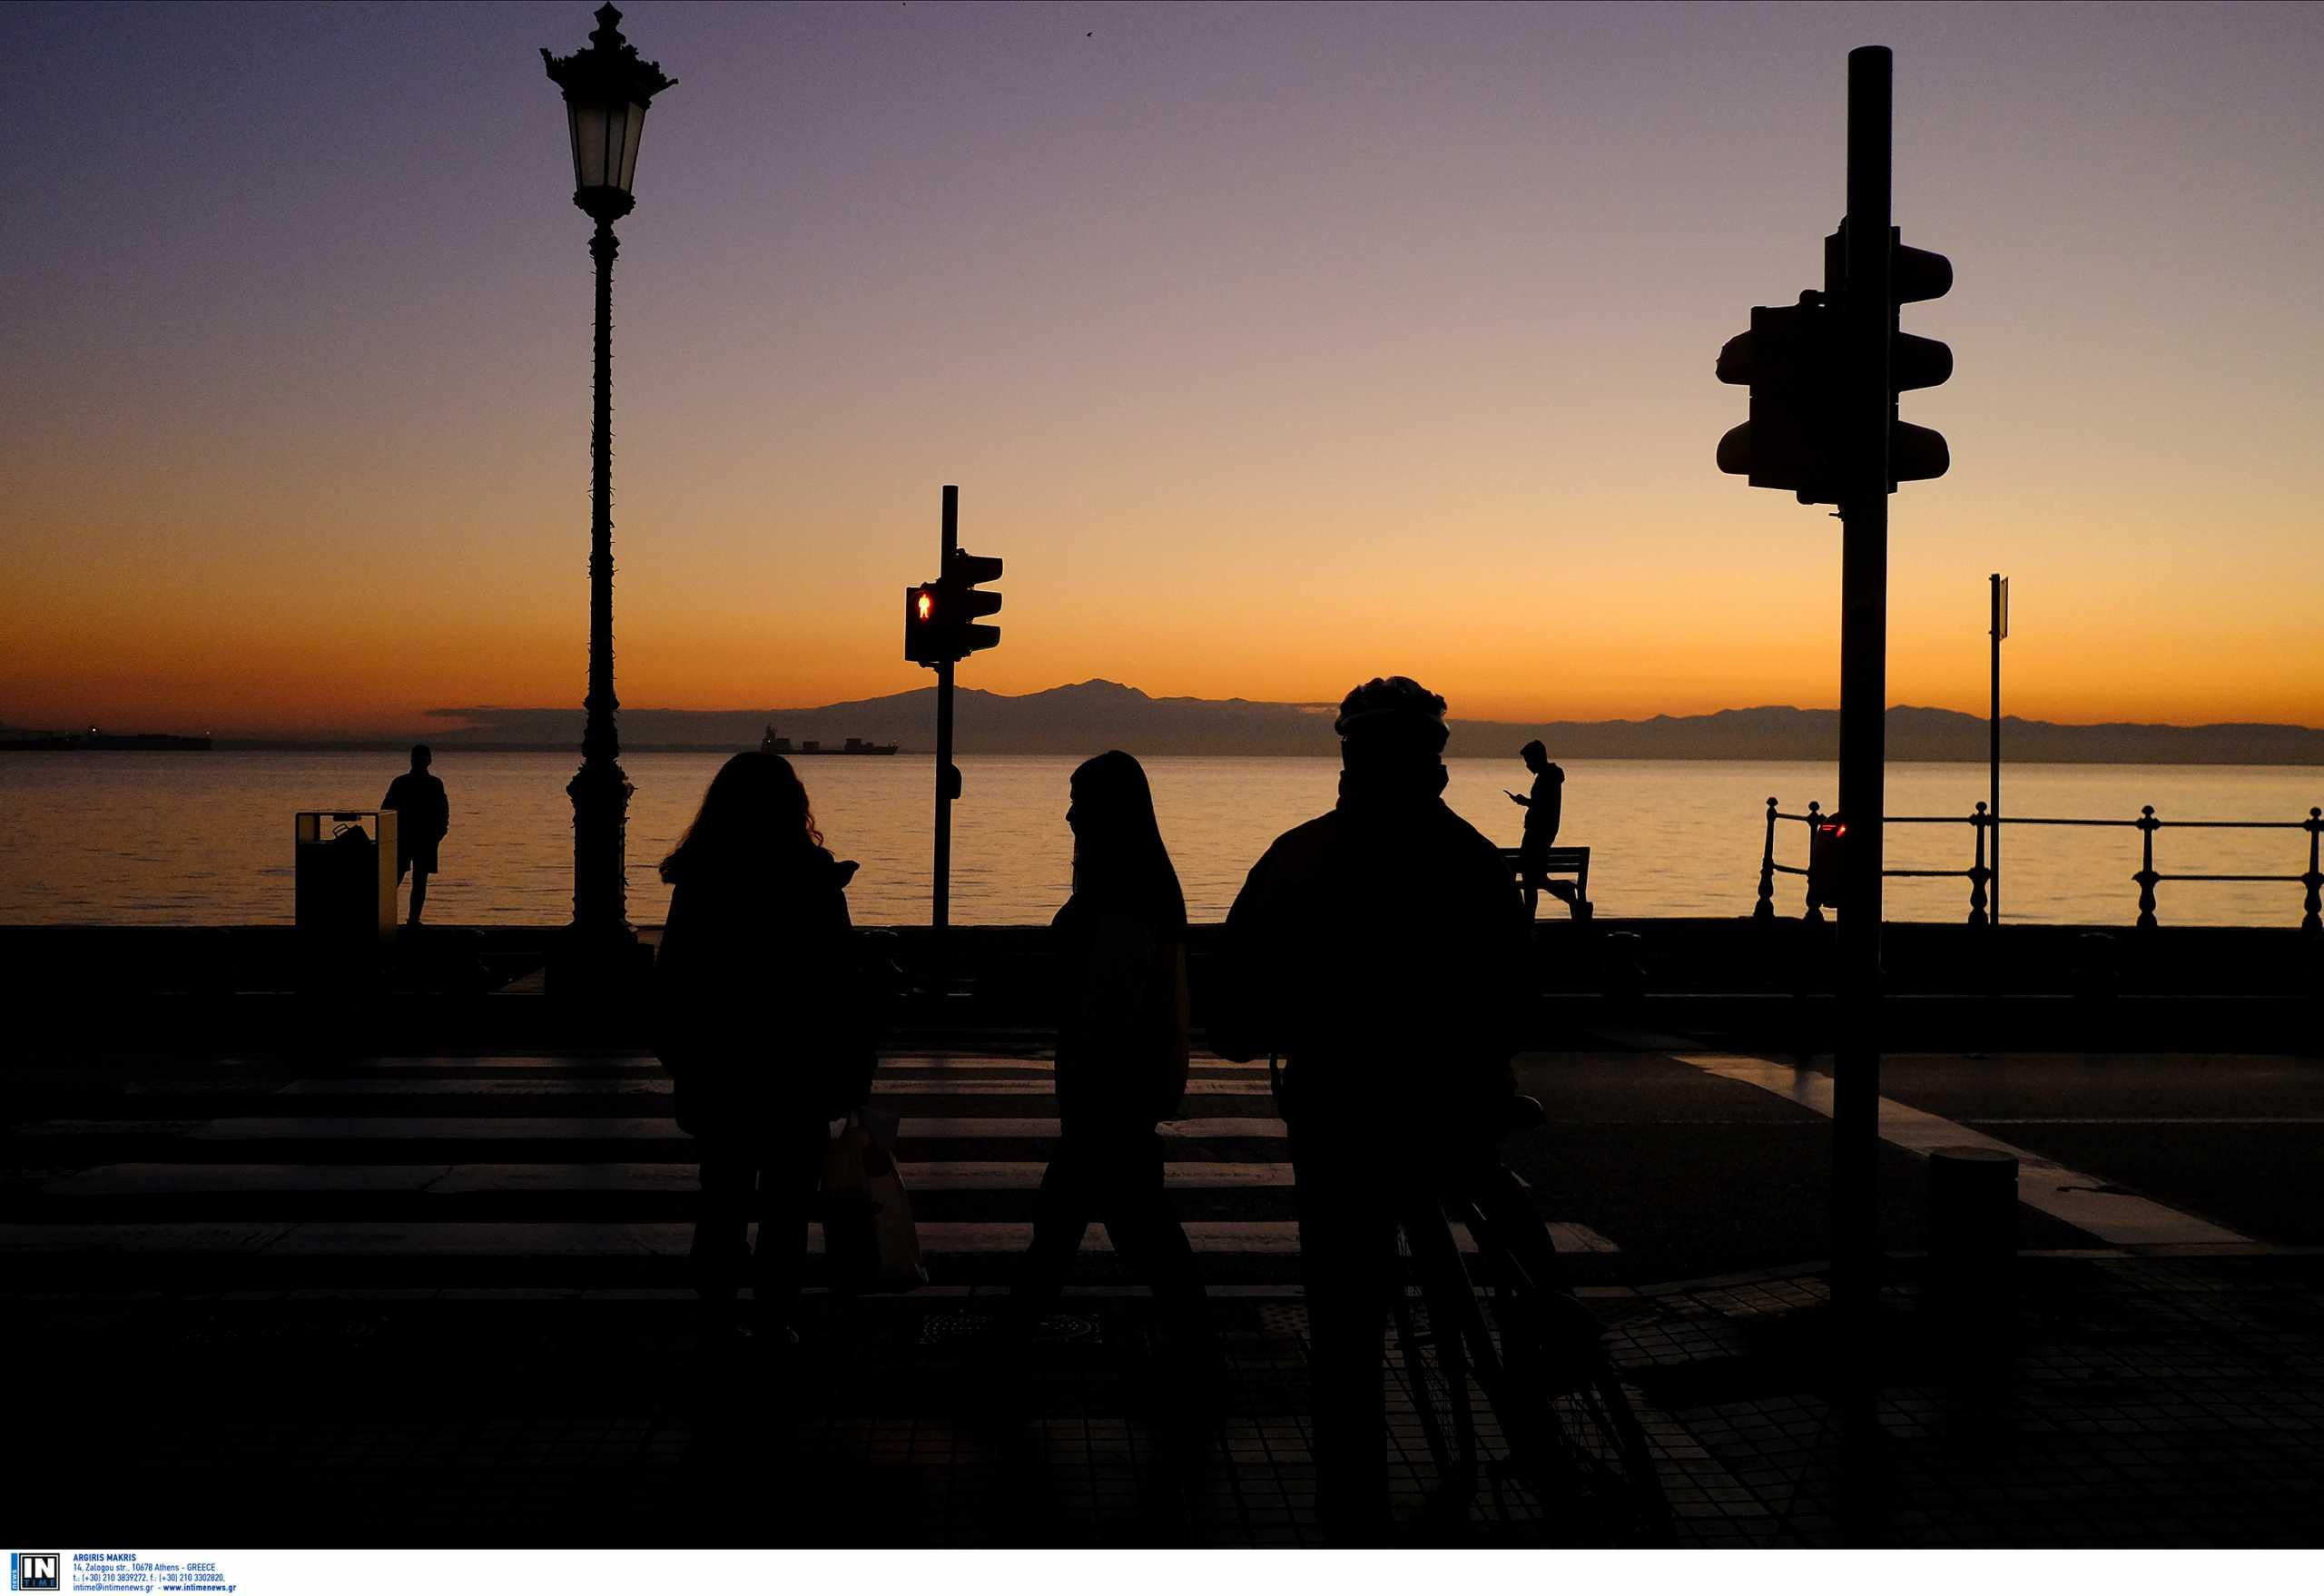 Θεσσαλονίκη: Πτώση 30% του κορονοϊού στα λύματα – Τι δείχνουν οι τελευταίες μετρήσεις